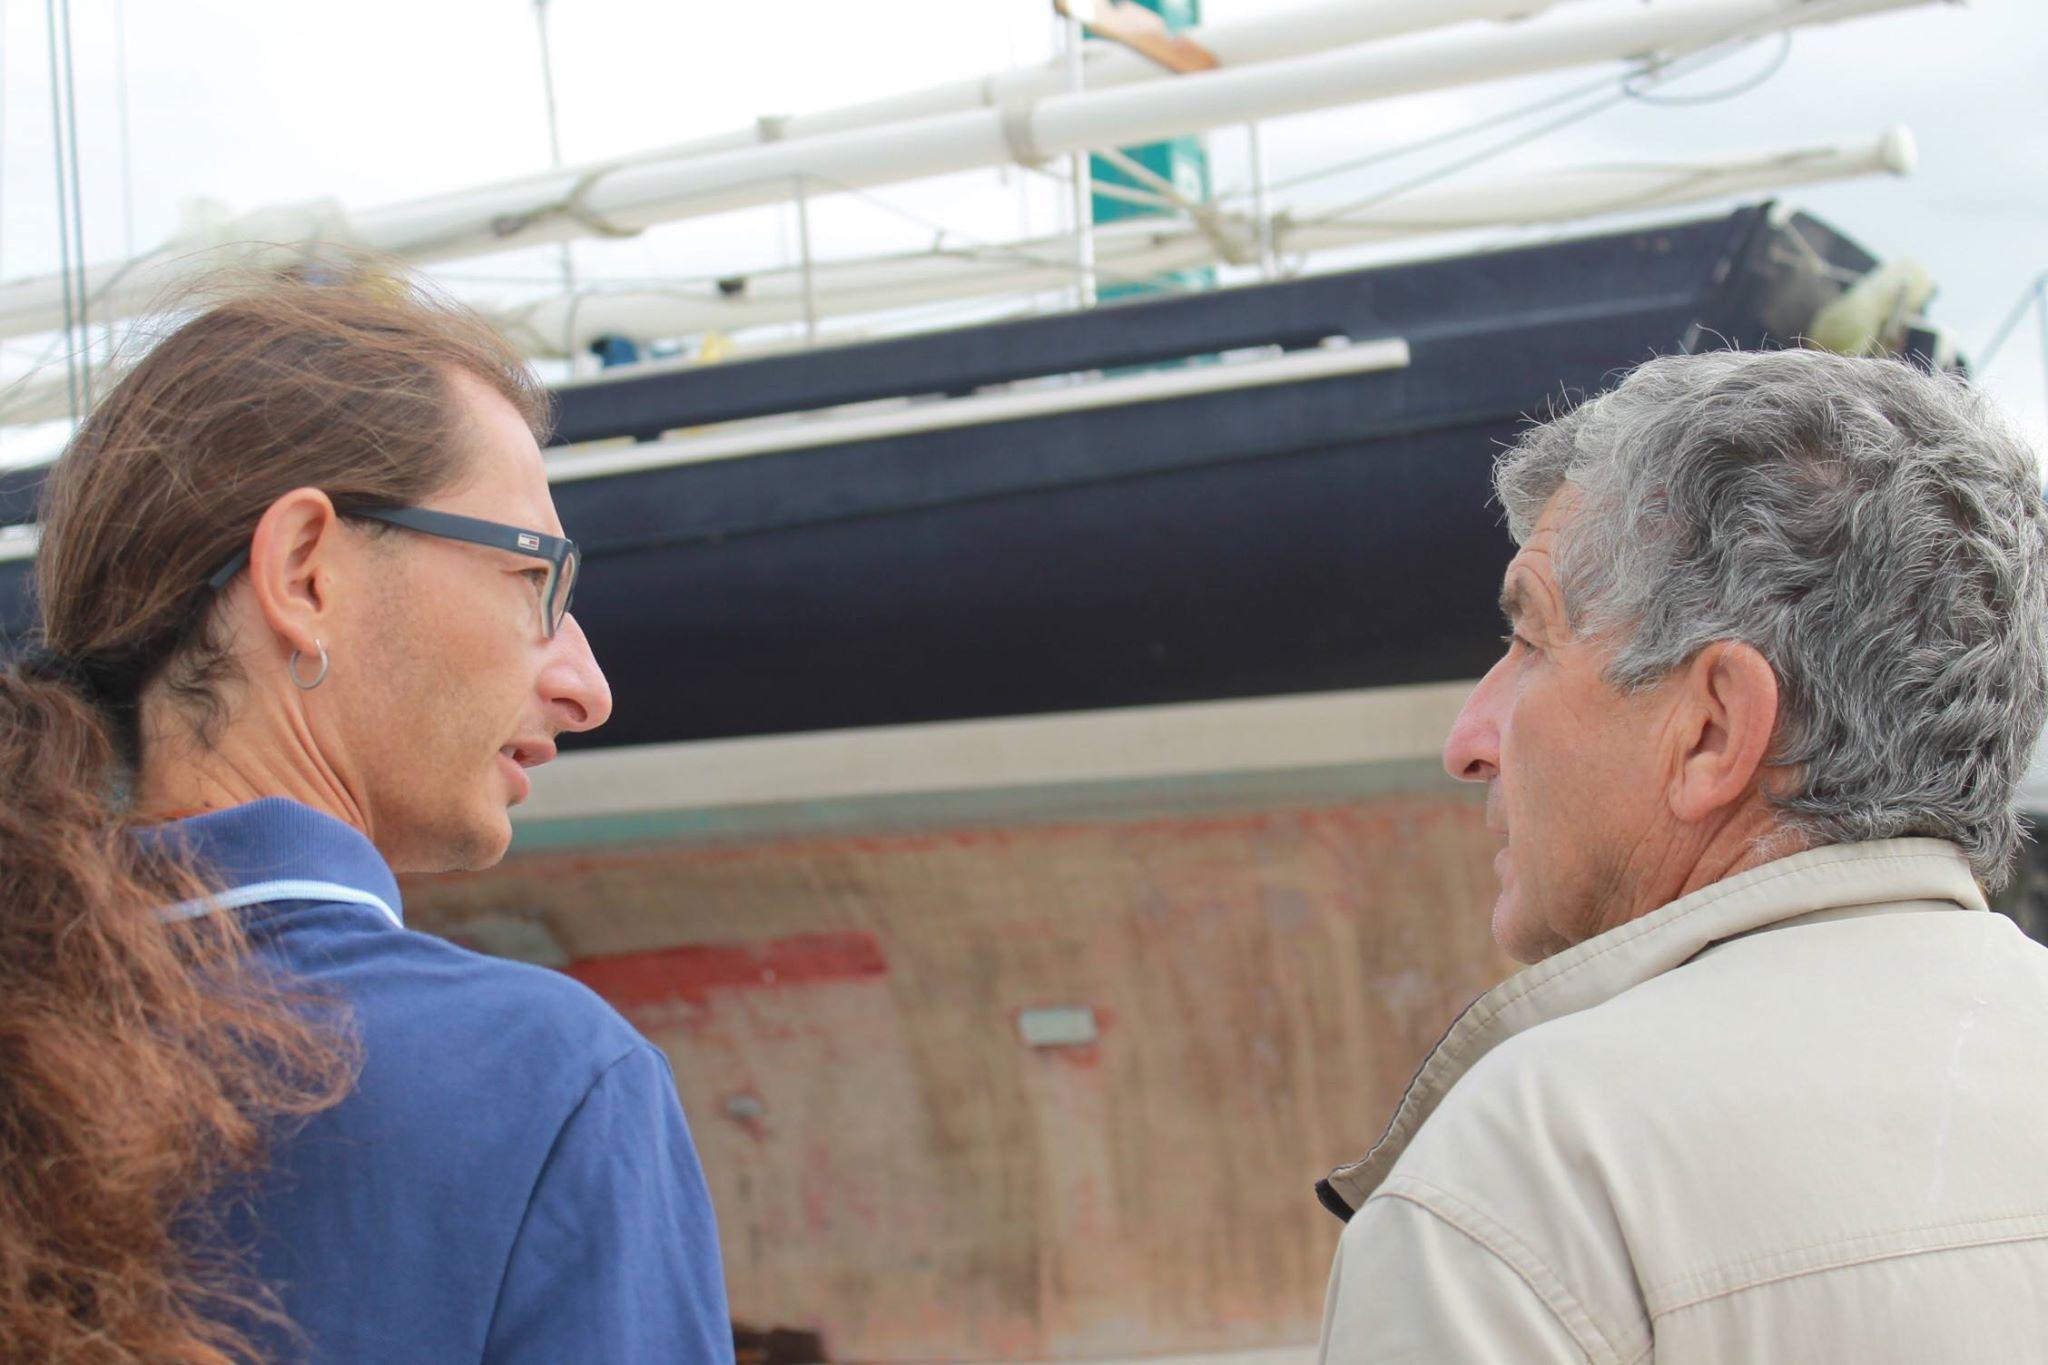 Intervista di Claudio Fadda a Giulio Ciani Bassetti: della vela, di Carlo Sciarrelli e dello Schooner Dragut